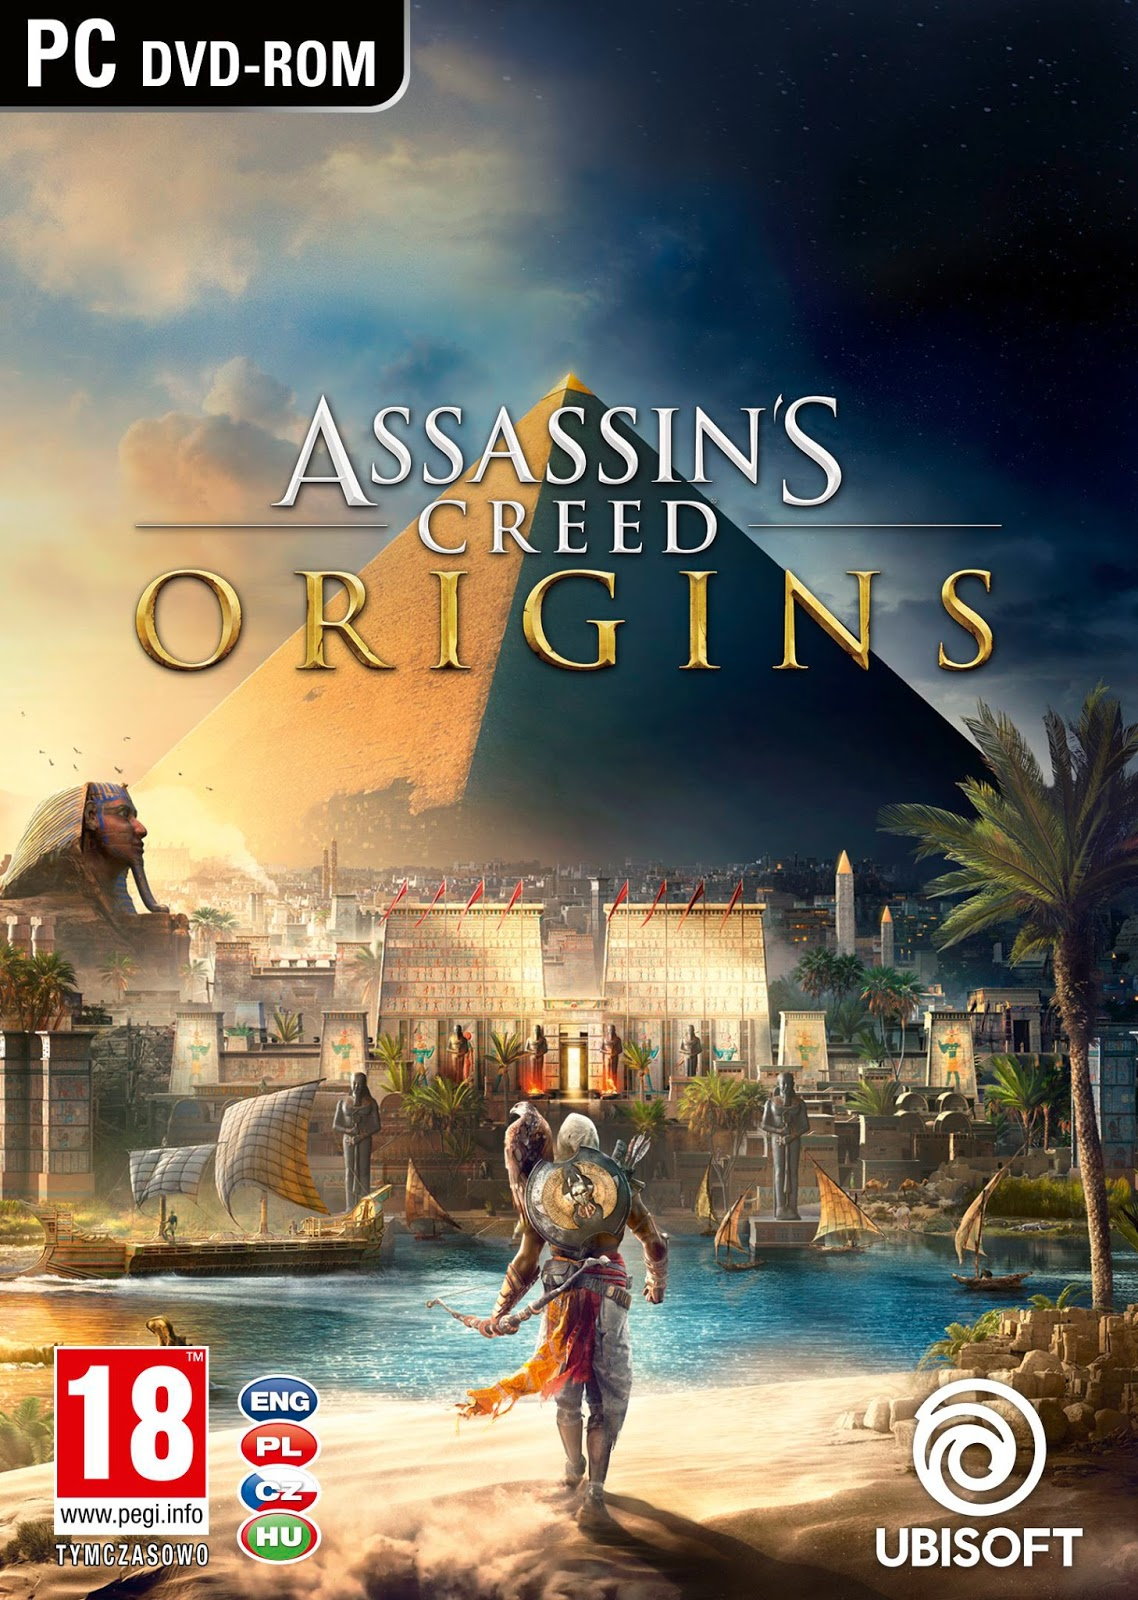 Assassin's Creed Origins PC Descargar Juego ESPAÑOL